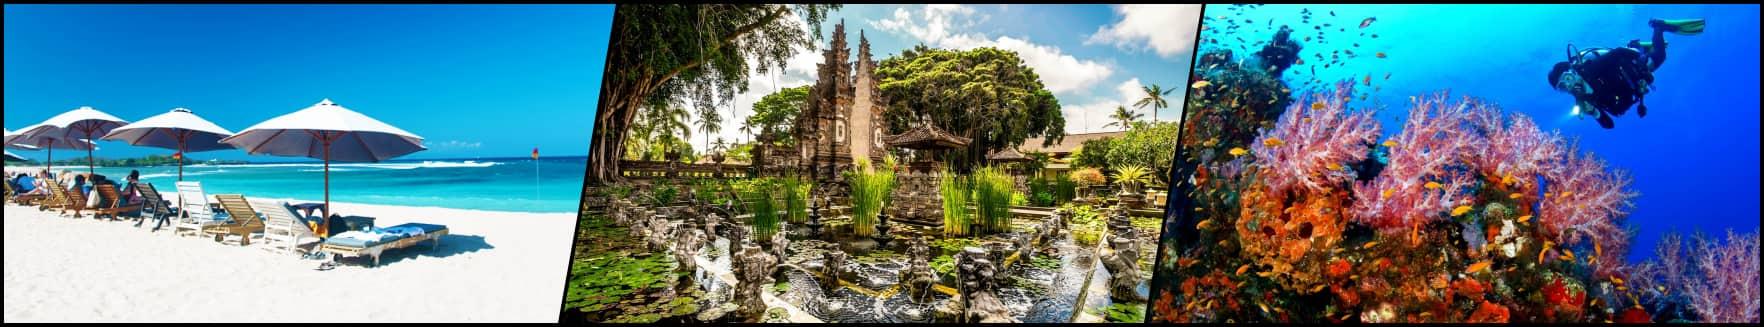 Bali - Singapore